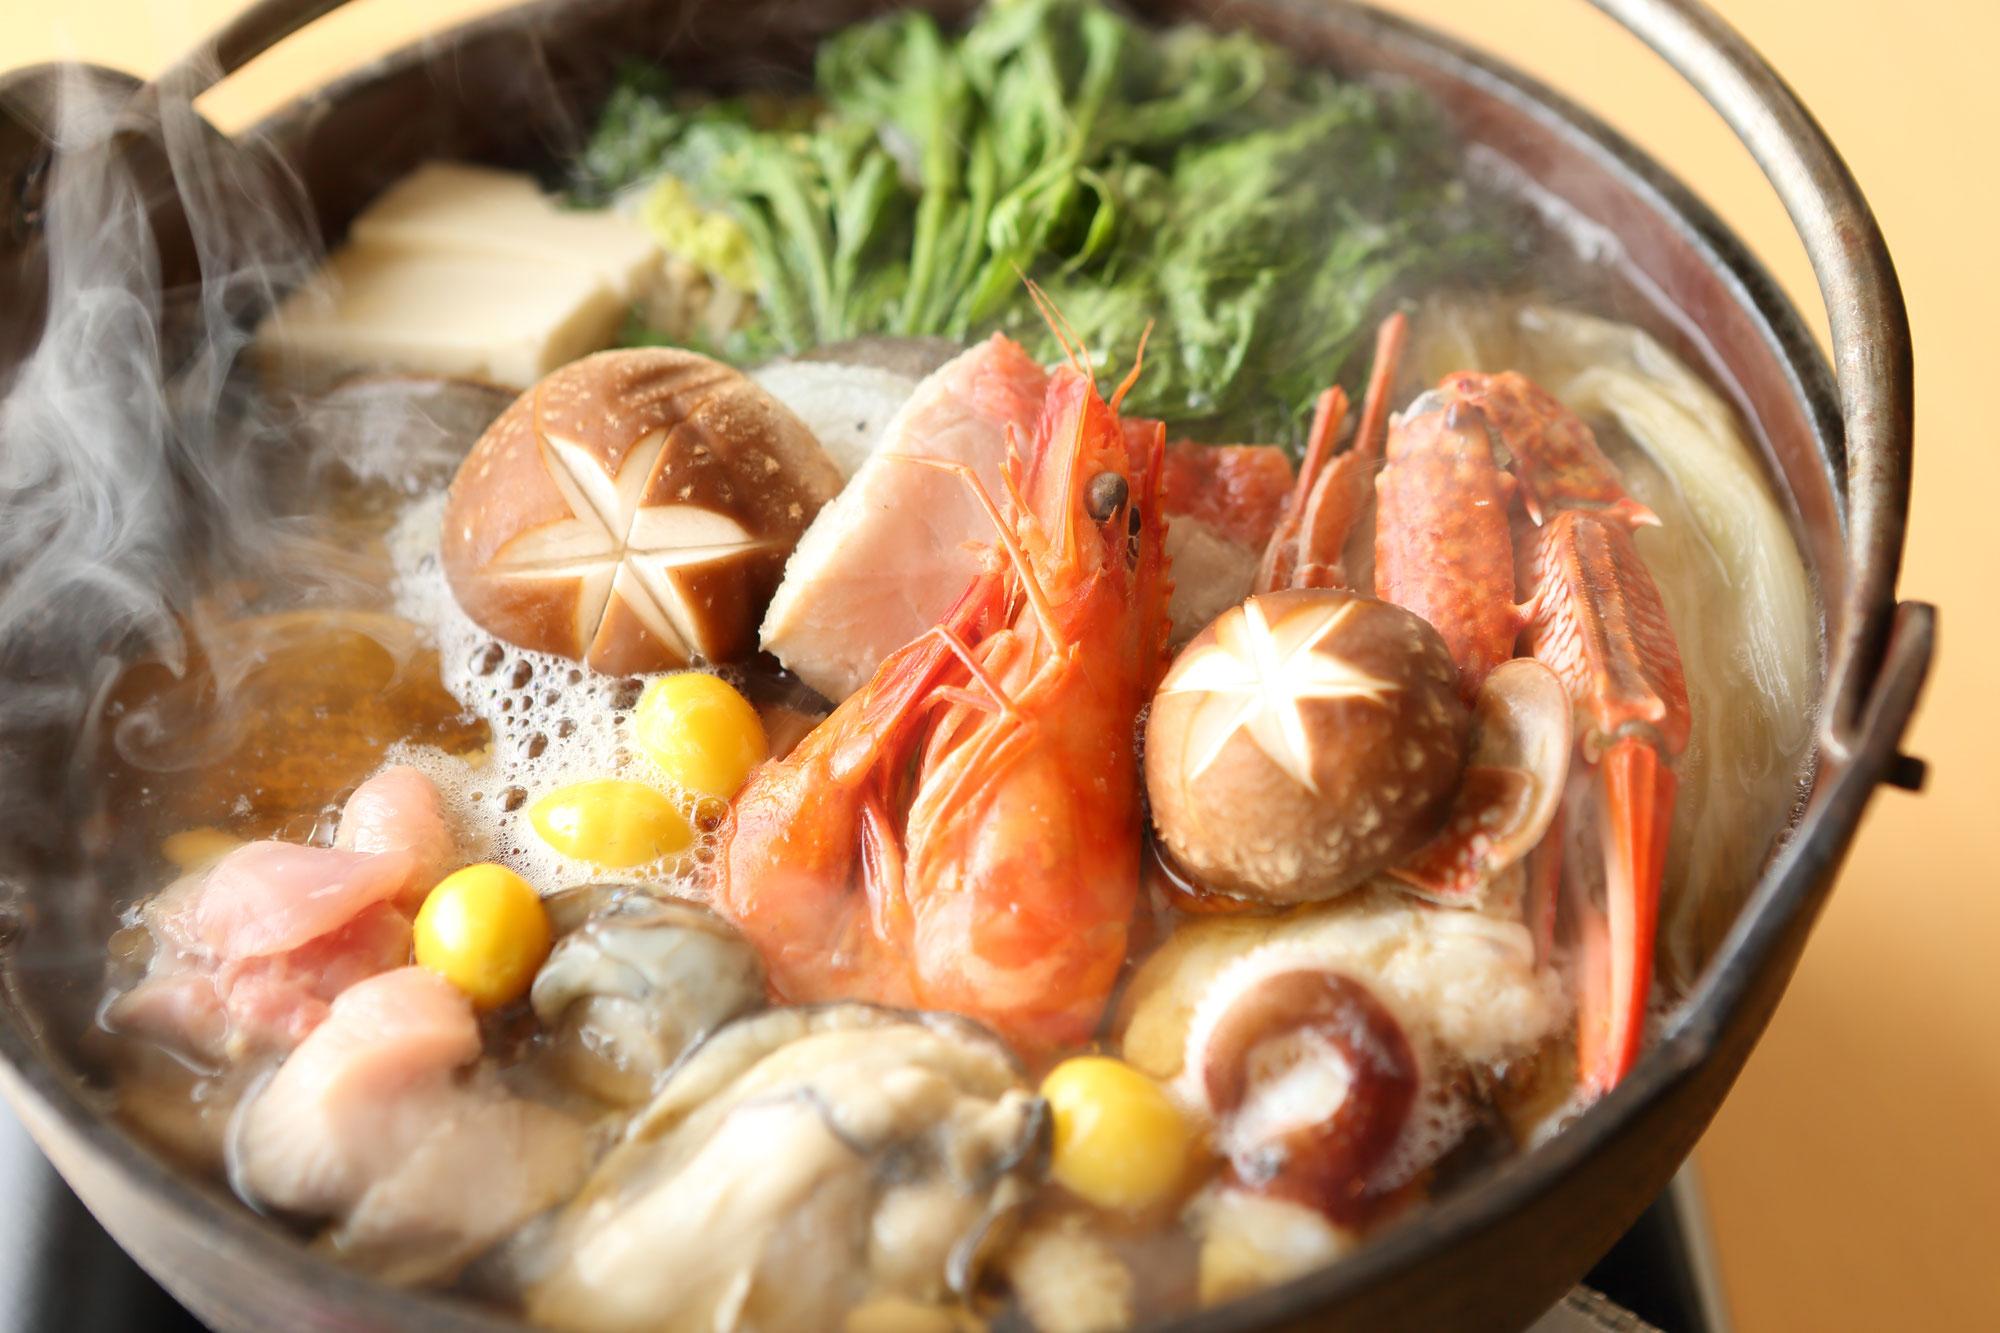 今年も一人鍋が人気 きのう何食べた?  のなんちゃってコラボ 手羽先の水炊きを新商品